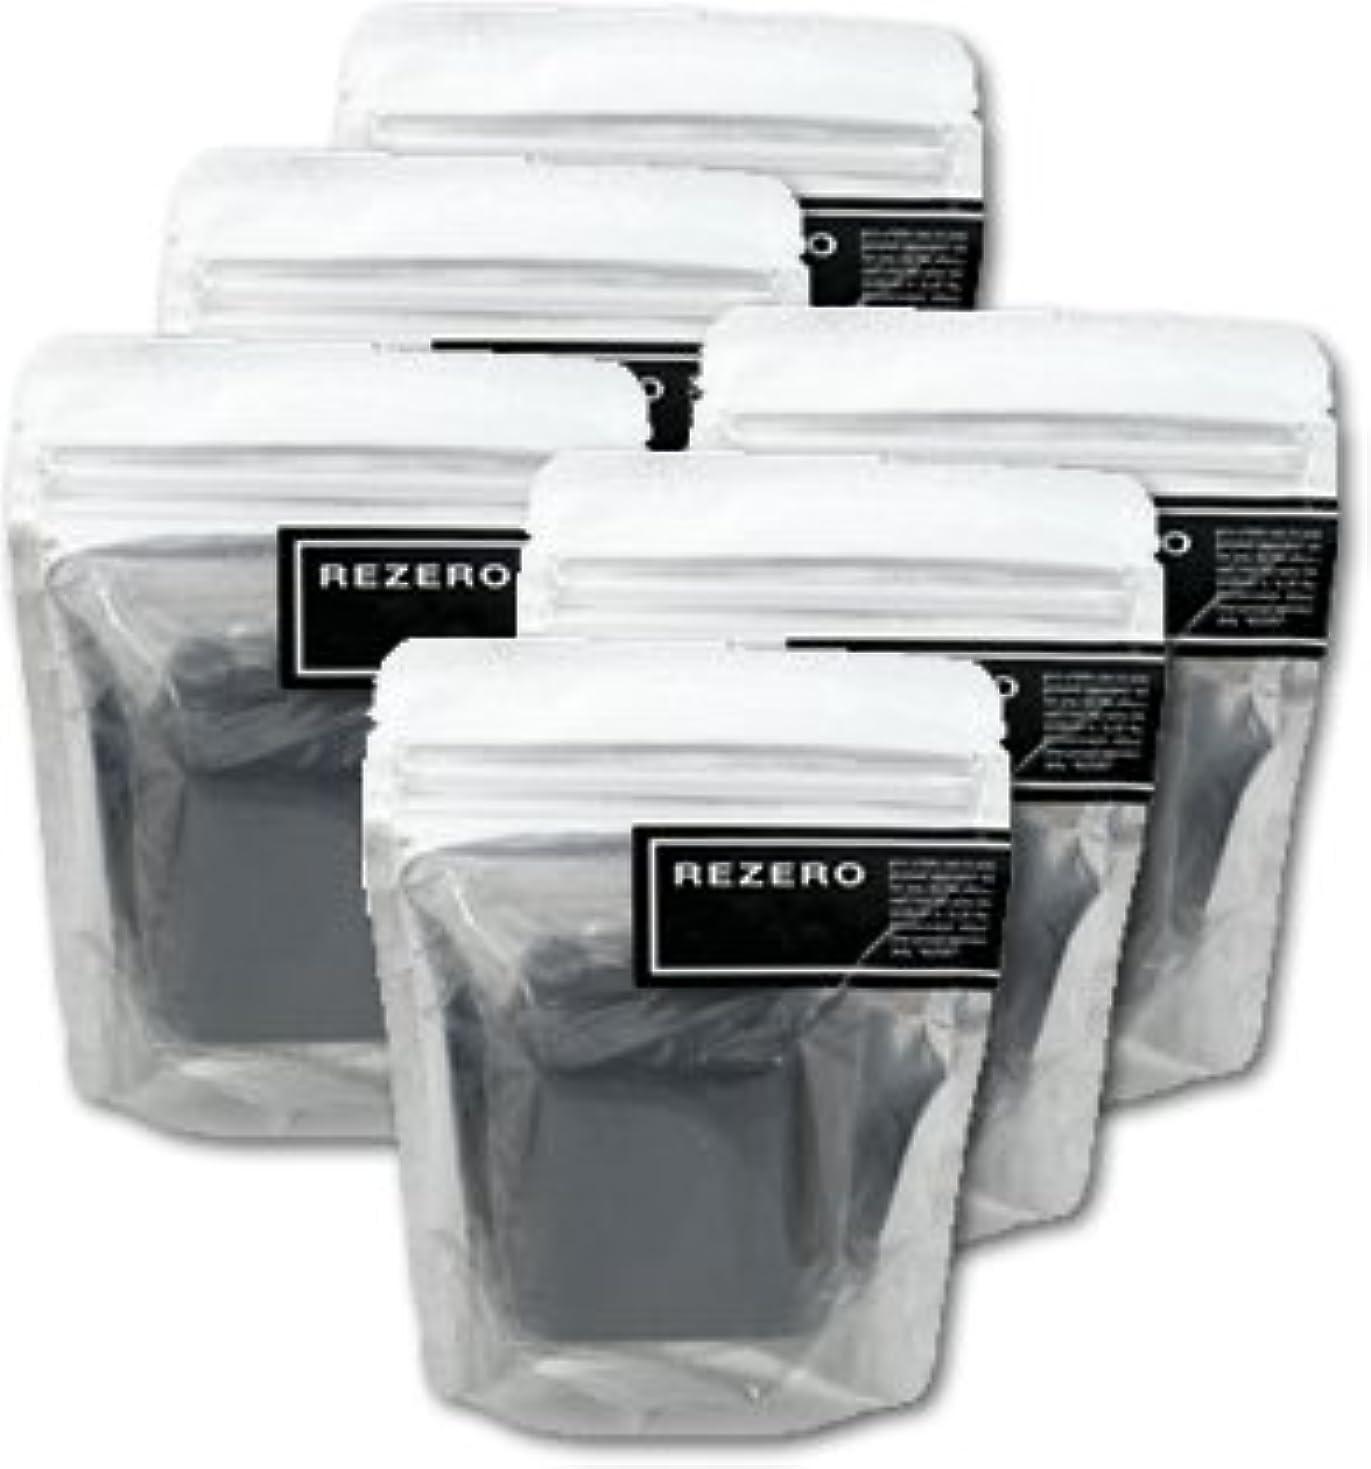 退屈な懐論争的リゼロ プレミアム柿炭ソープ 90g×6個セット